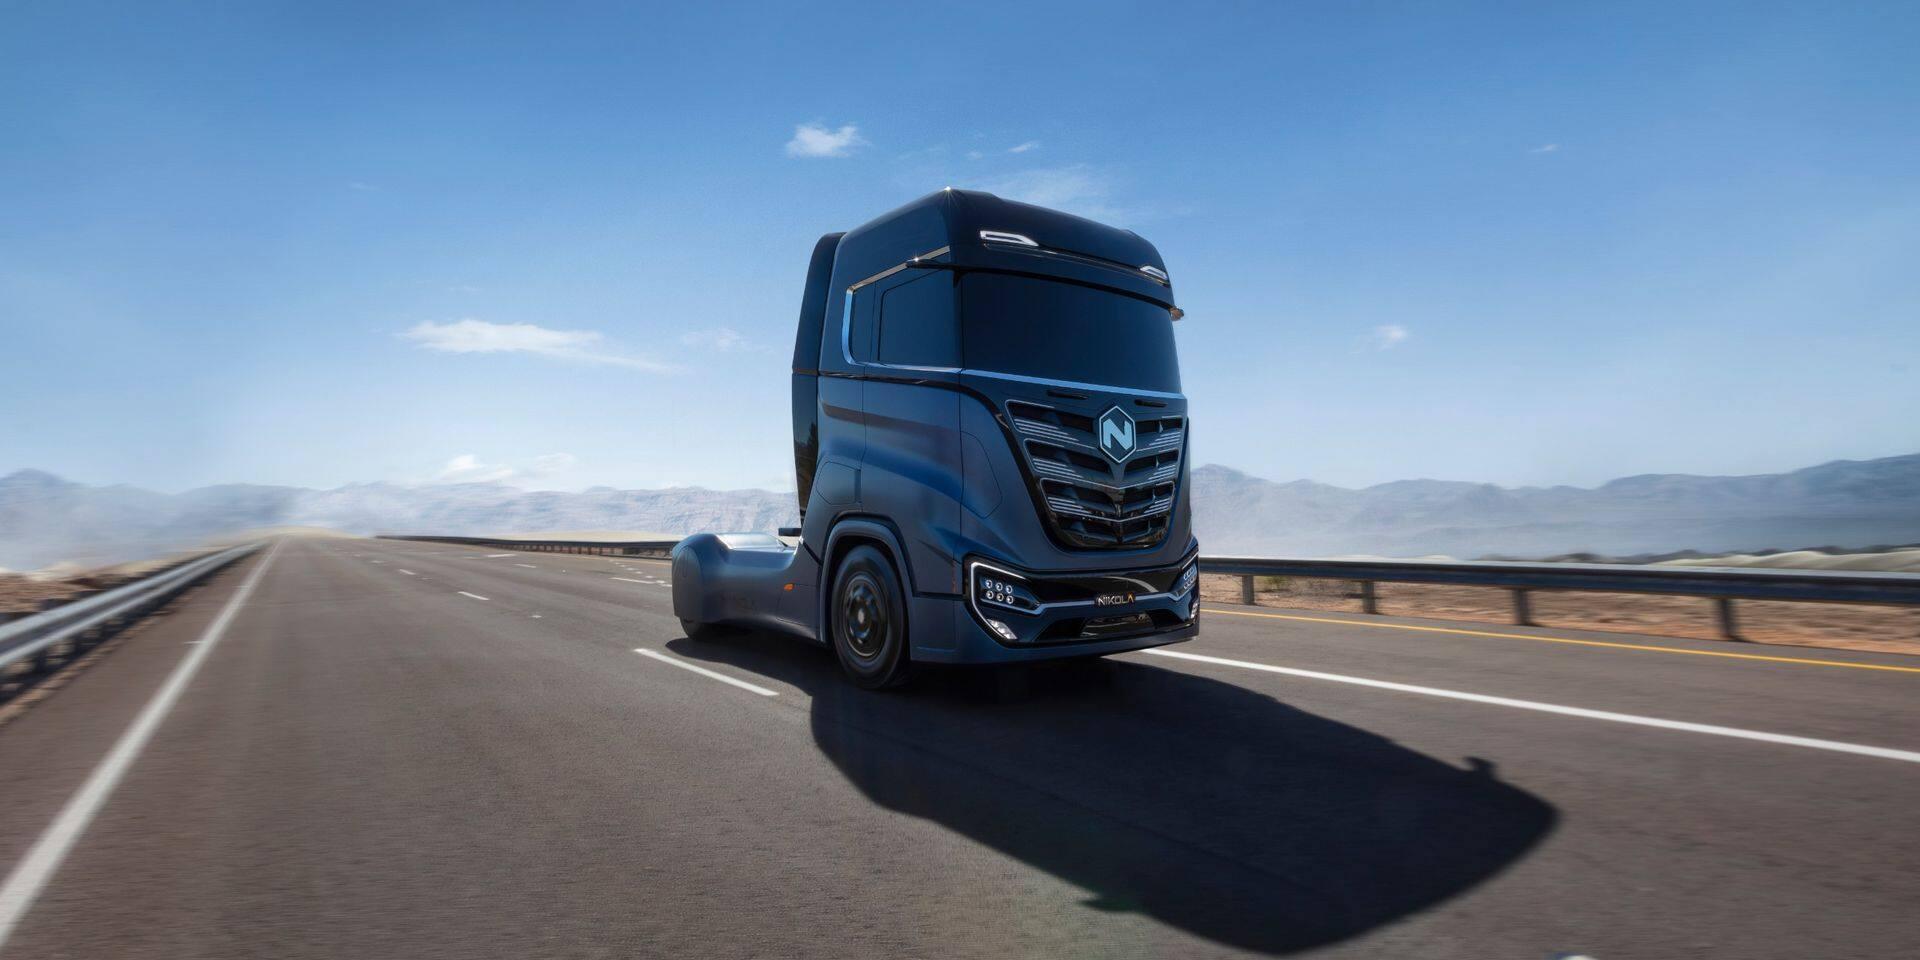 Après des accusations de fraude, le patron du fabricant de camions zéro émission Nikola démissionne